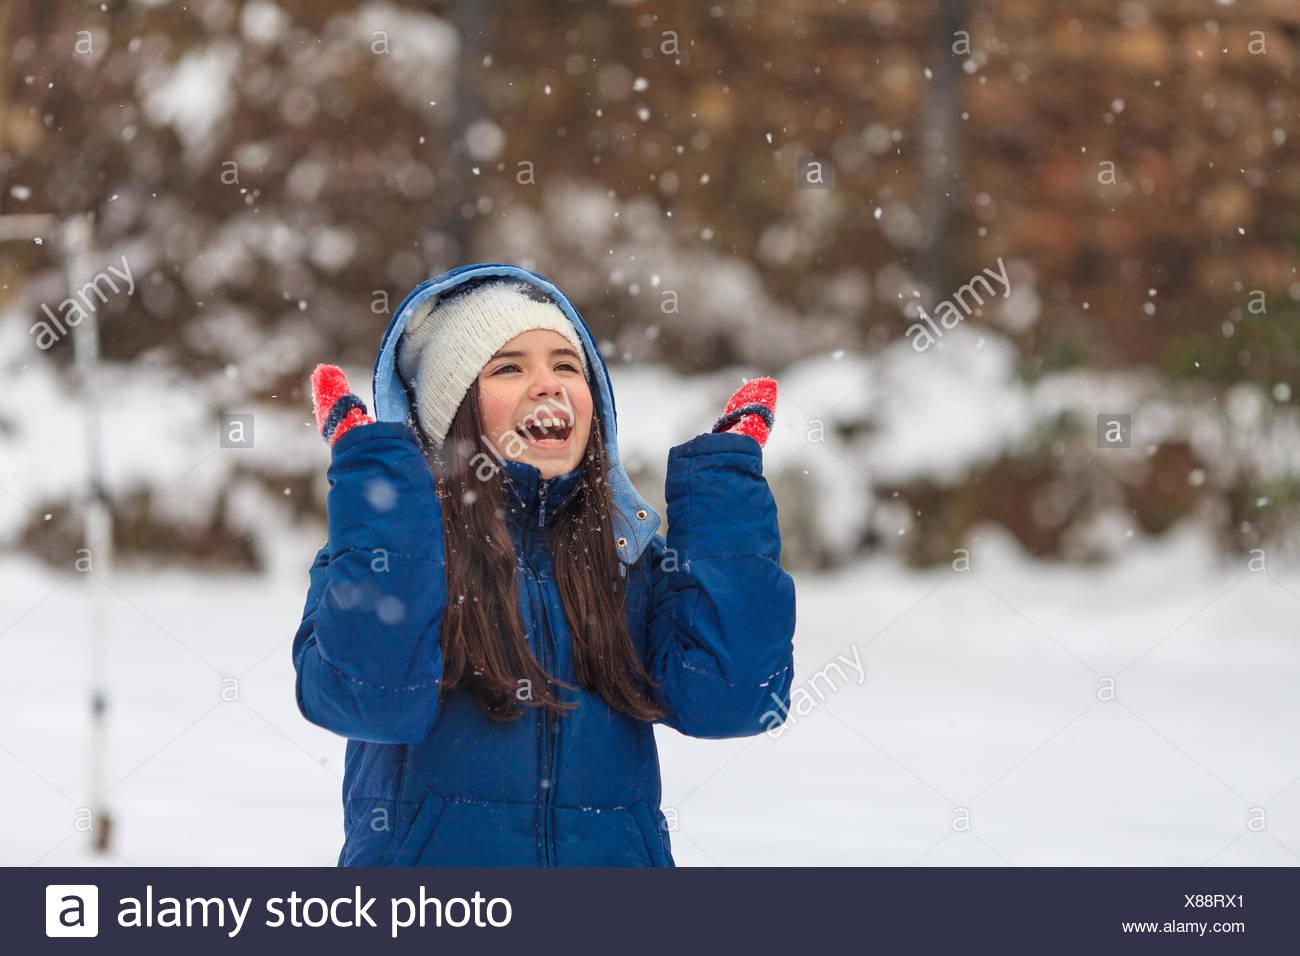 Mädchen mit ihren Händen in der Luft spielen im Schnee Stockbild